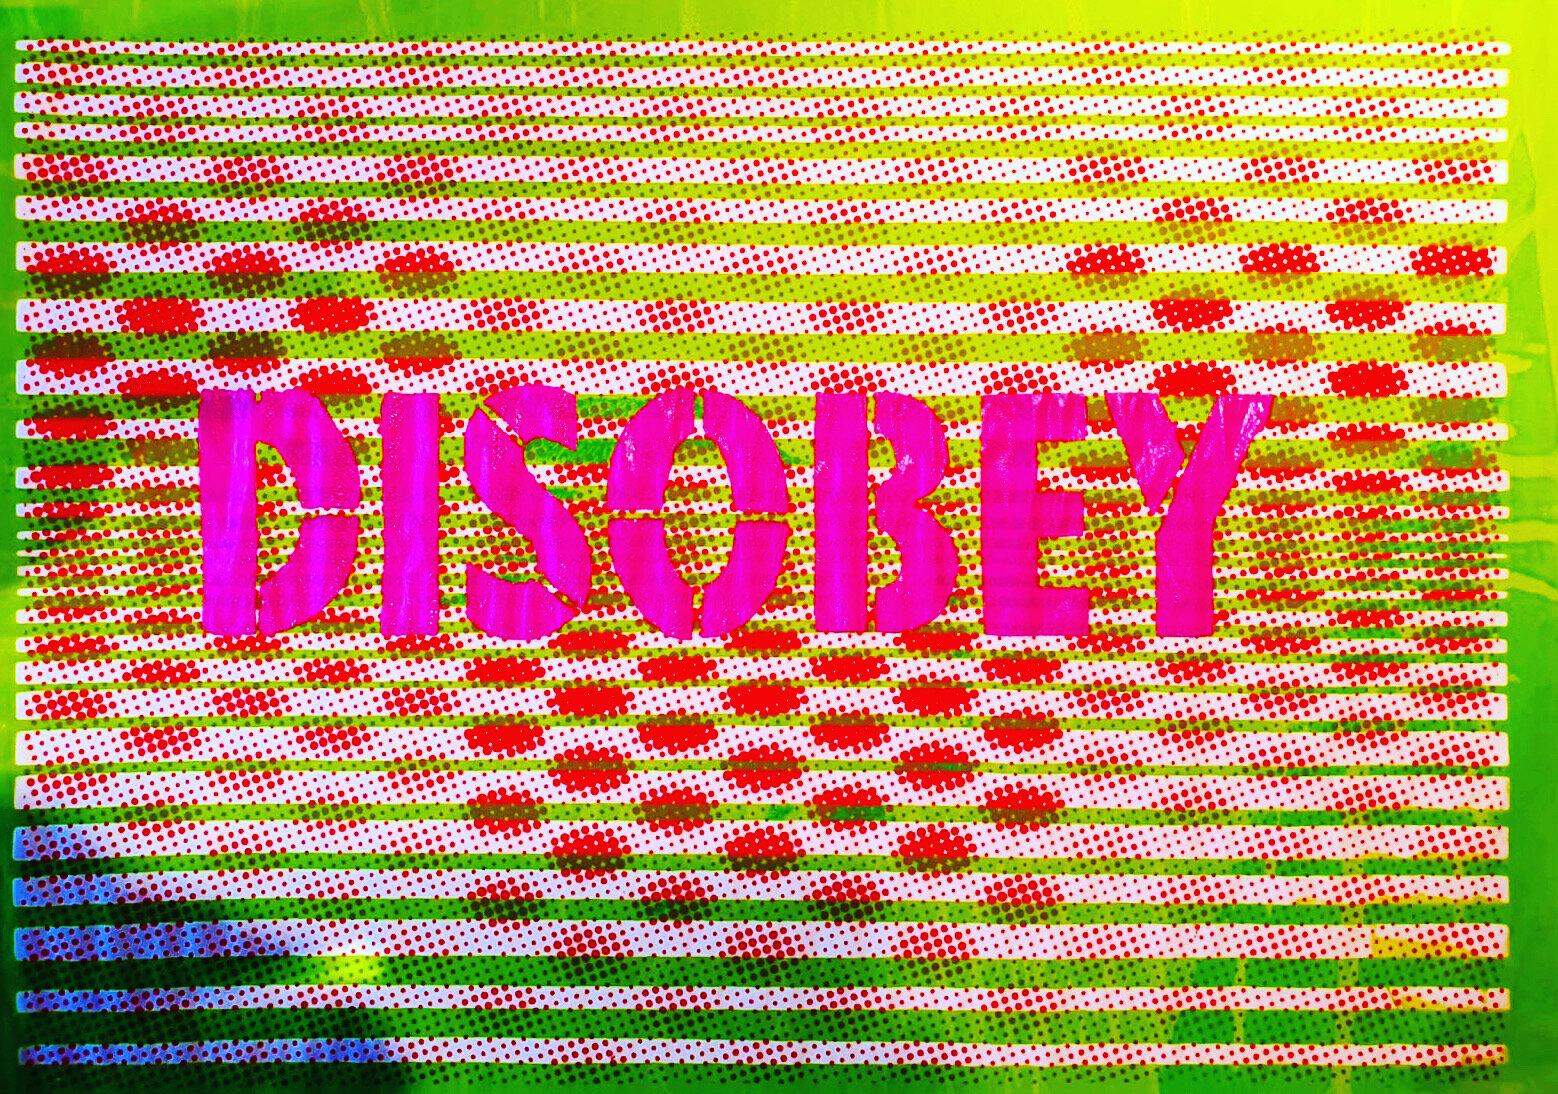 paris68redux_wall_disobey